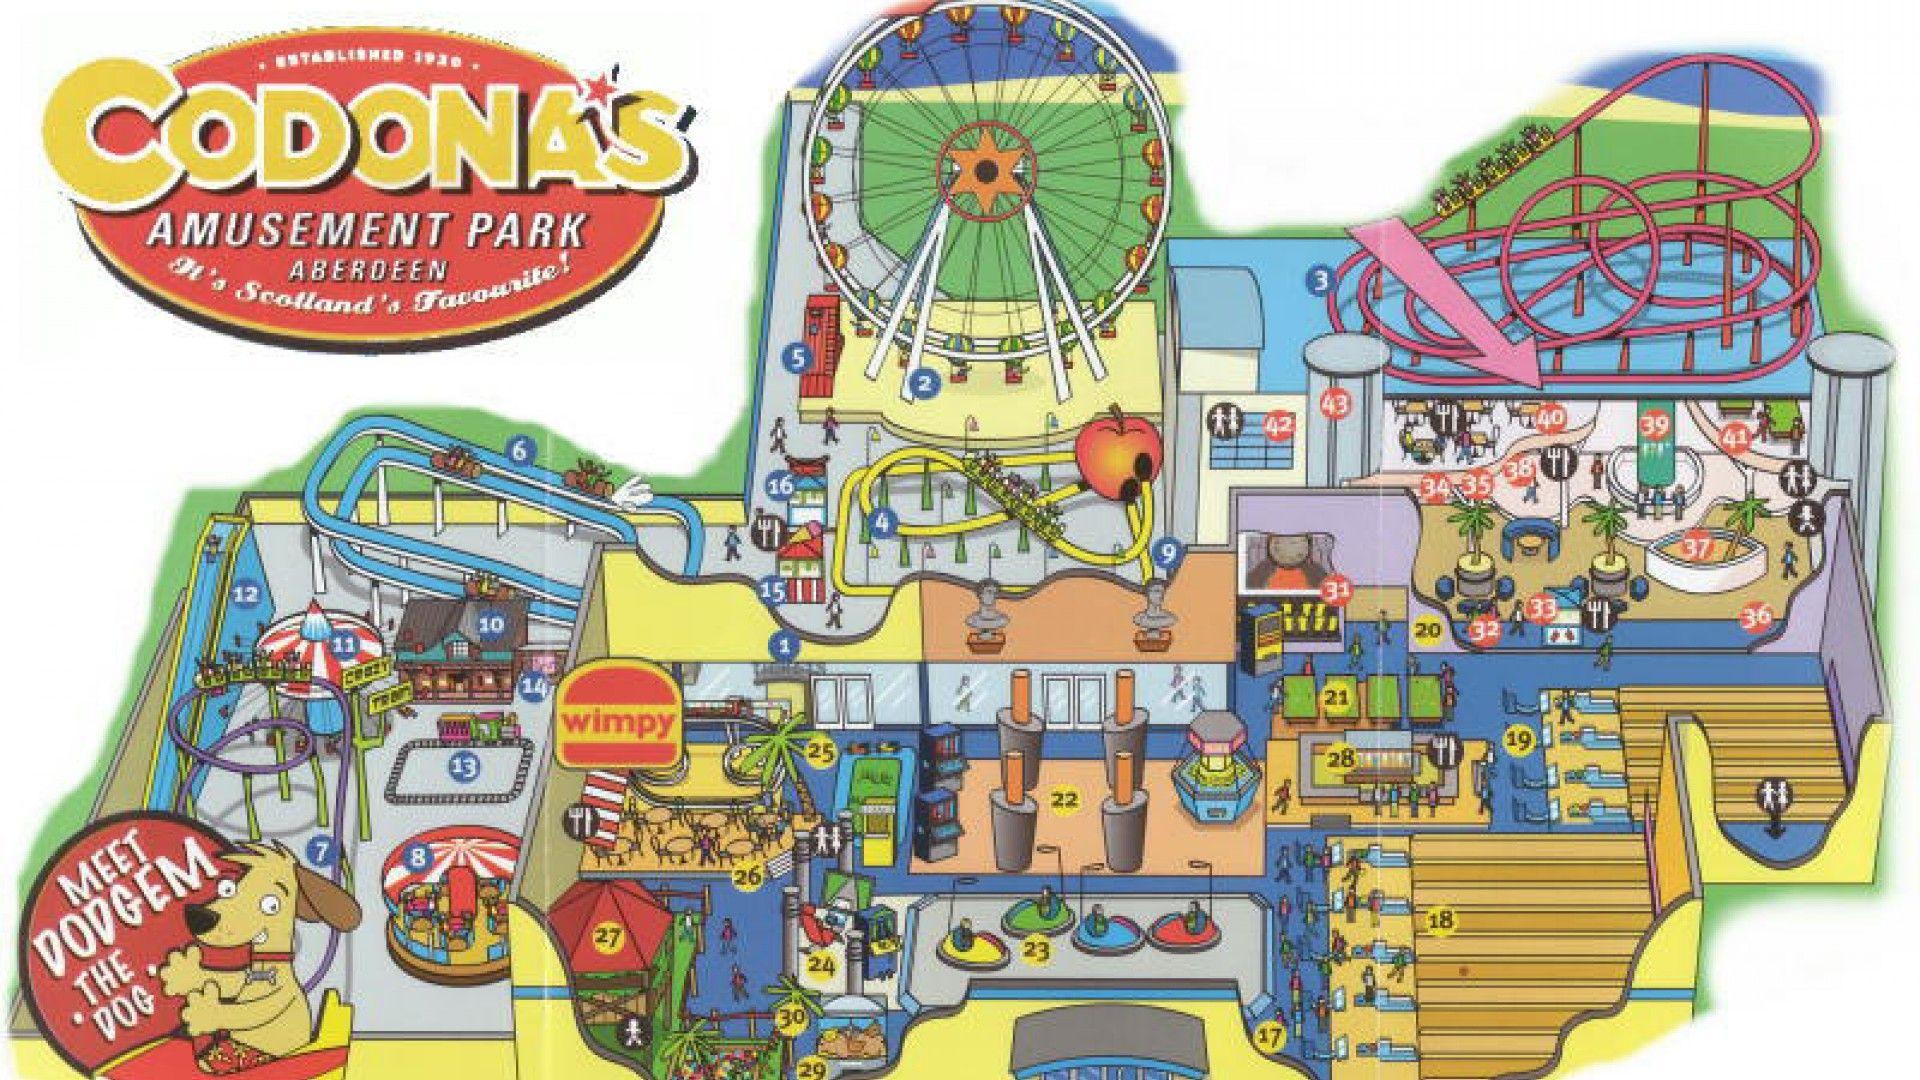 Us based amusement parks